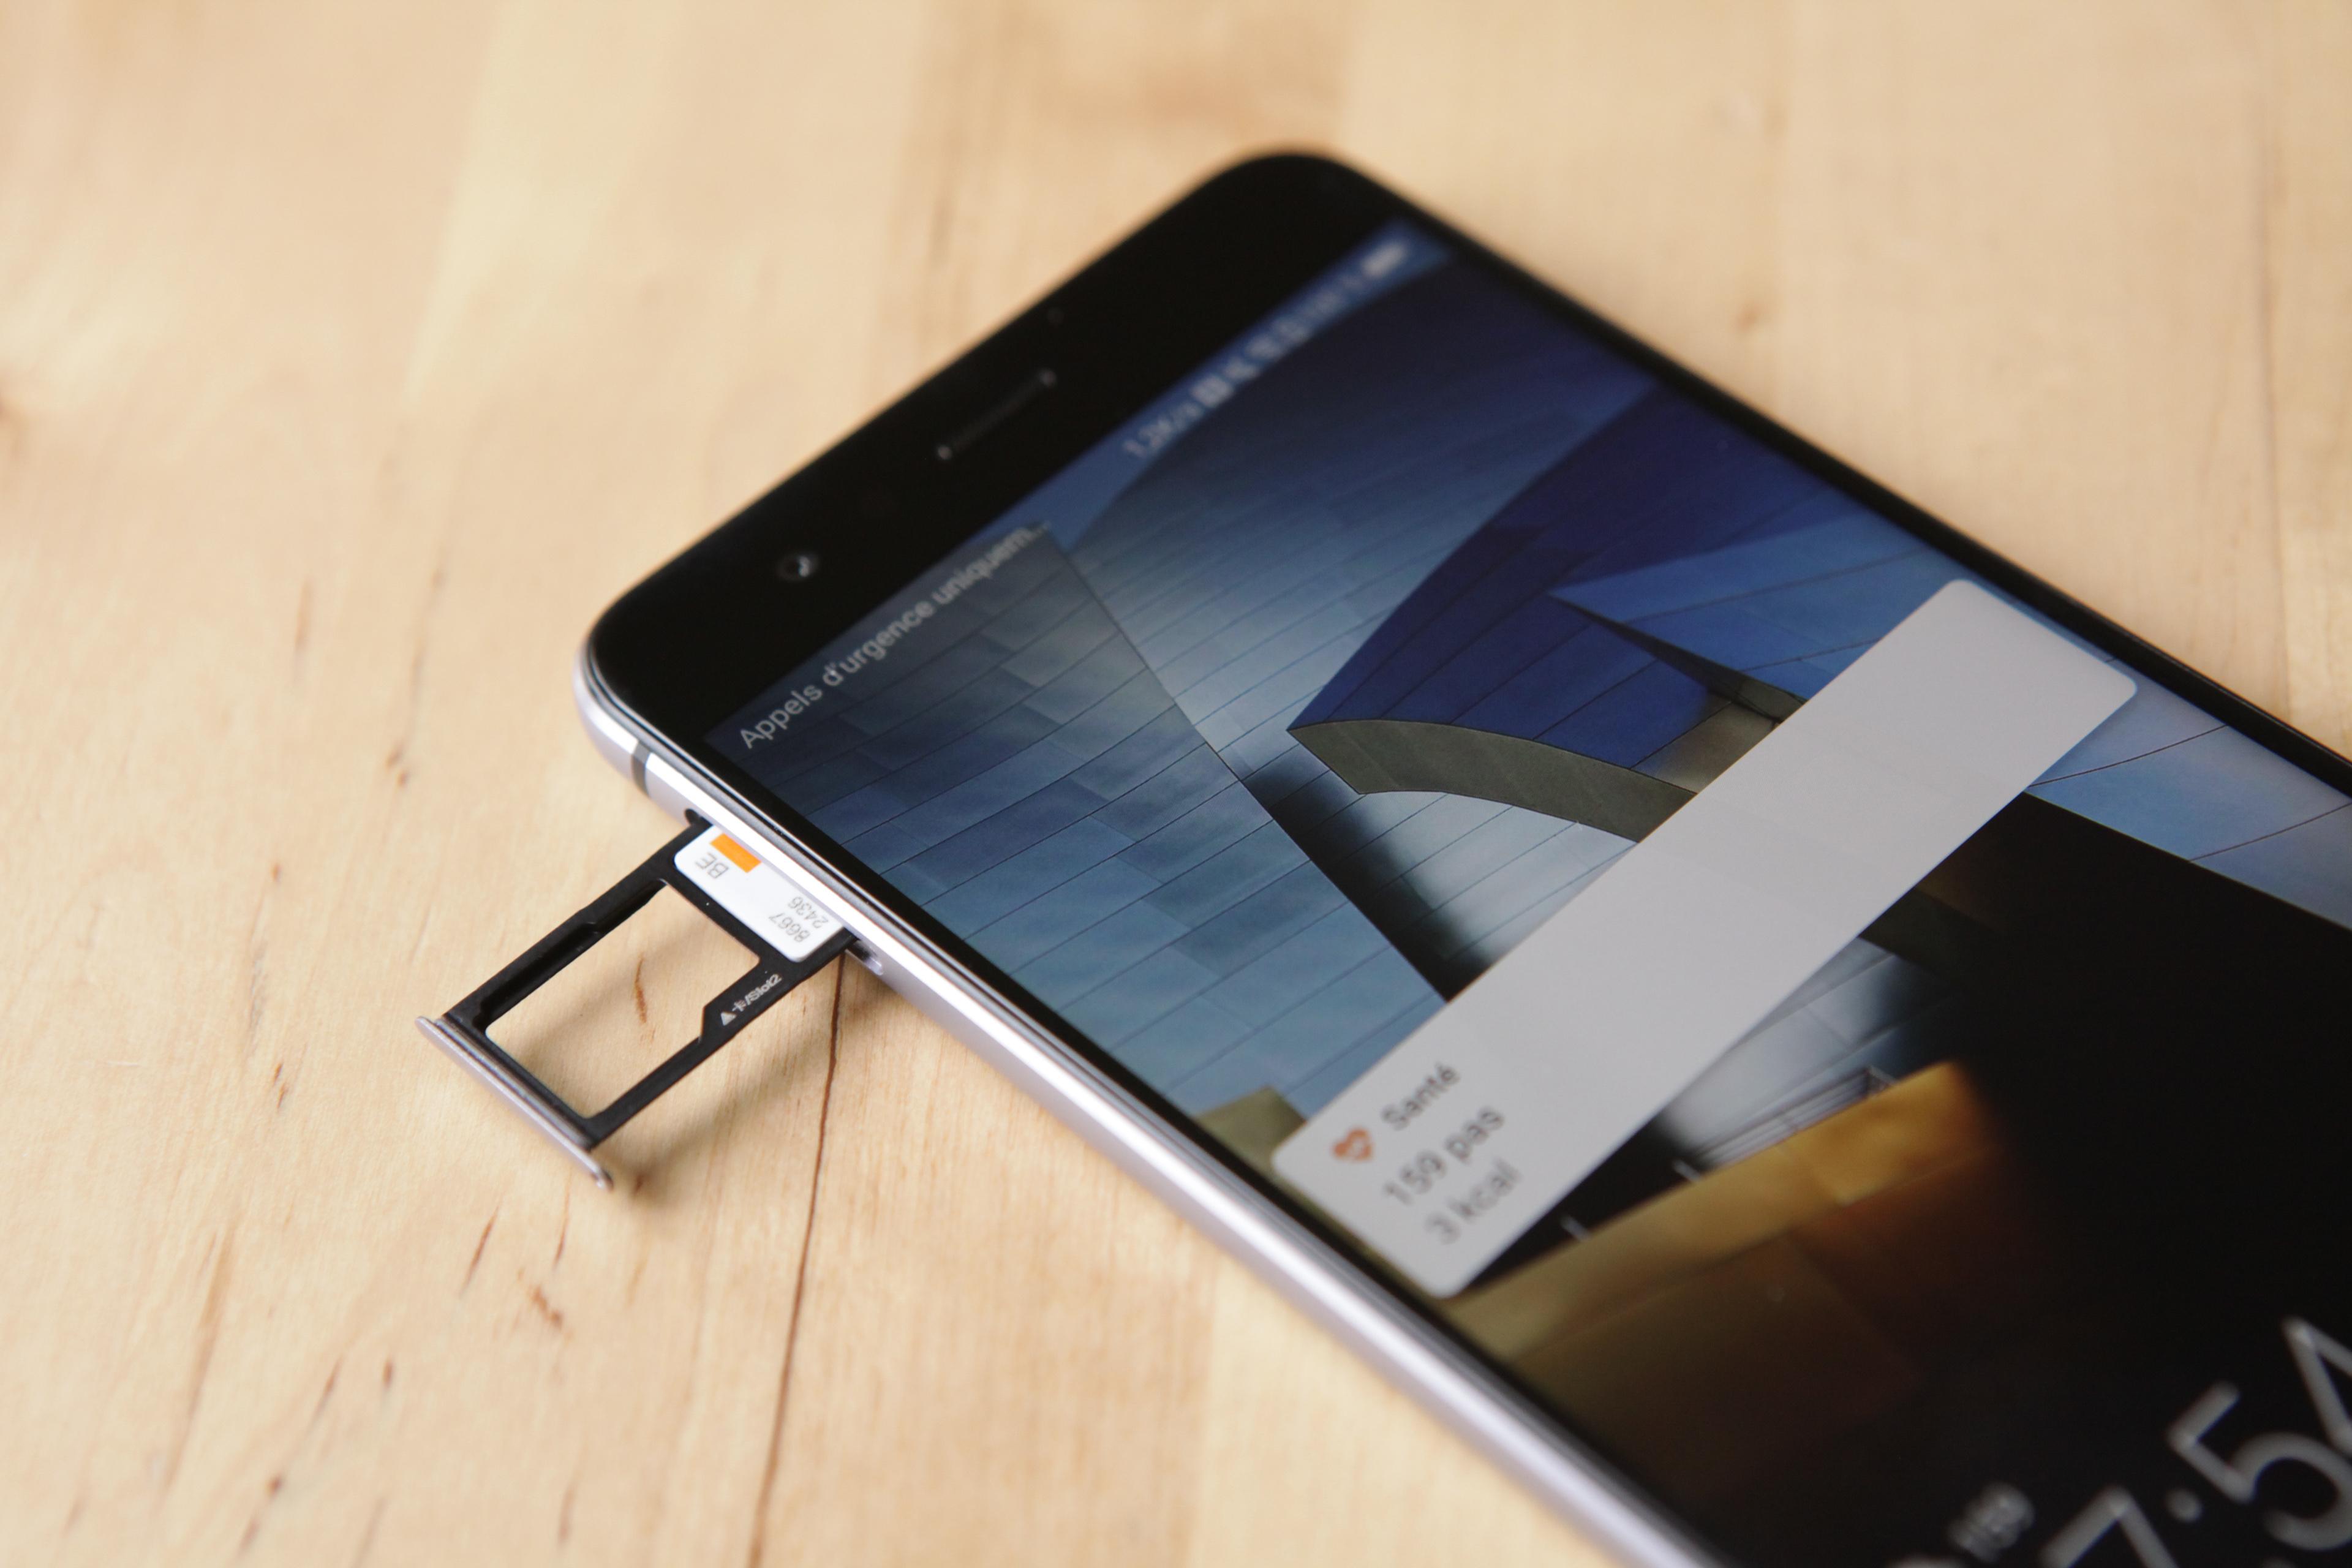 comment mettre carte sim dans huawei p8 lite Test Huawei P10 Lite : notre avis complet   Smartphones   Frandroid